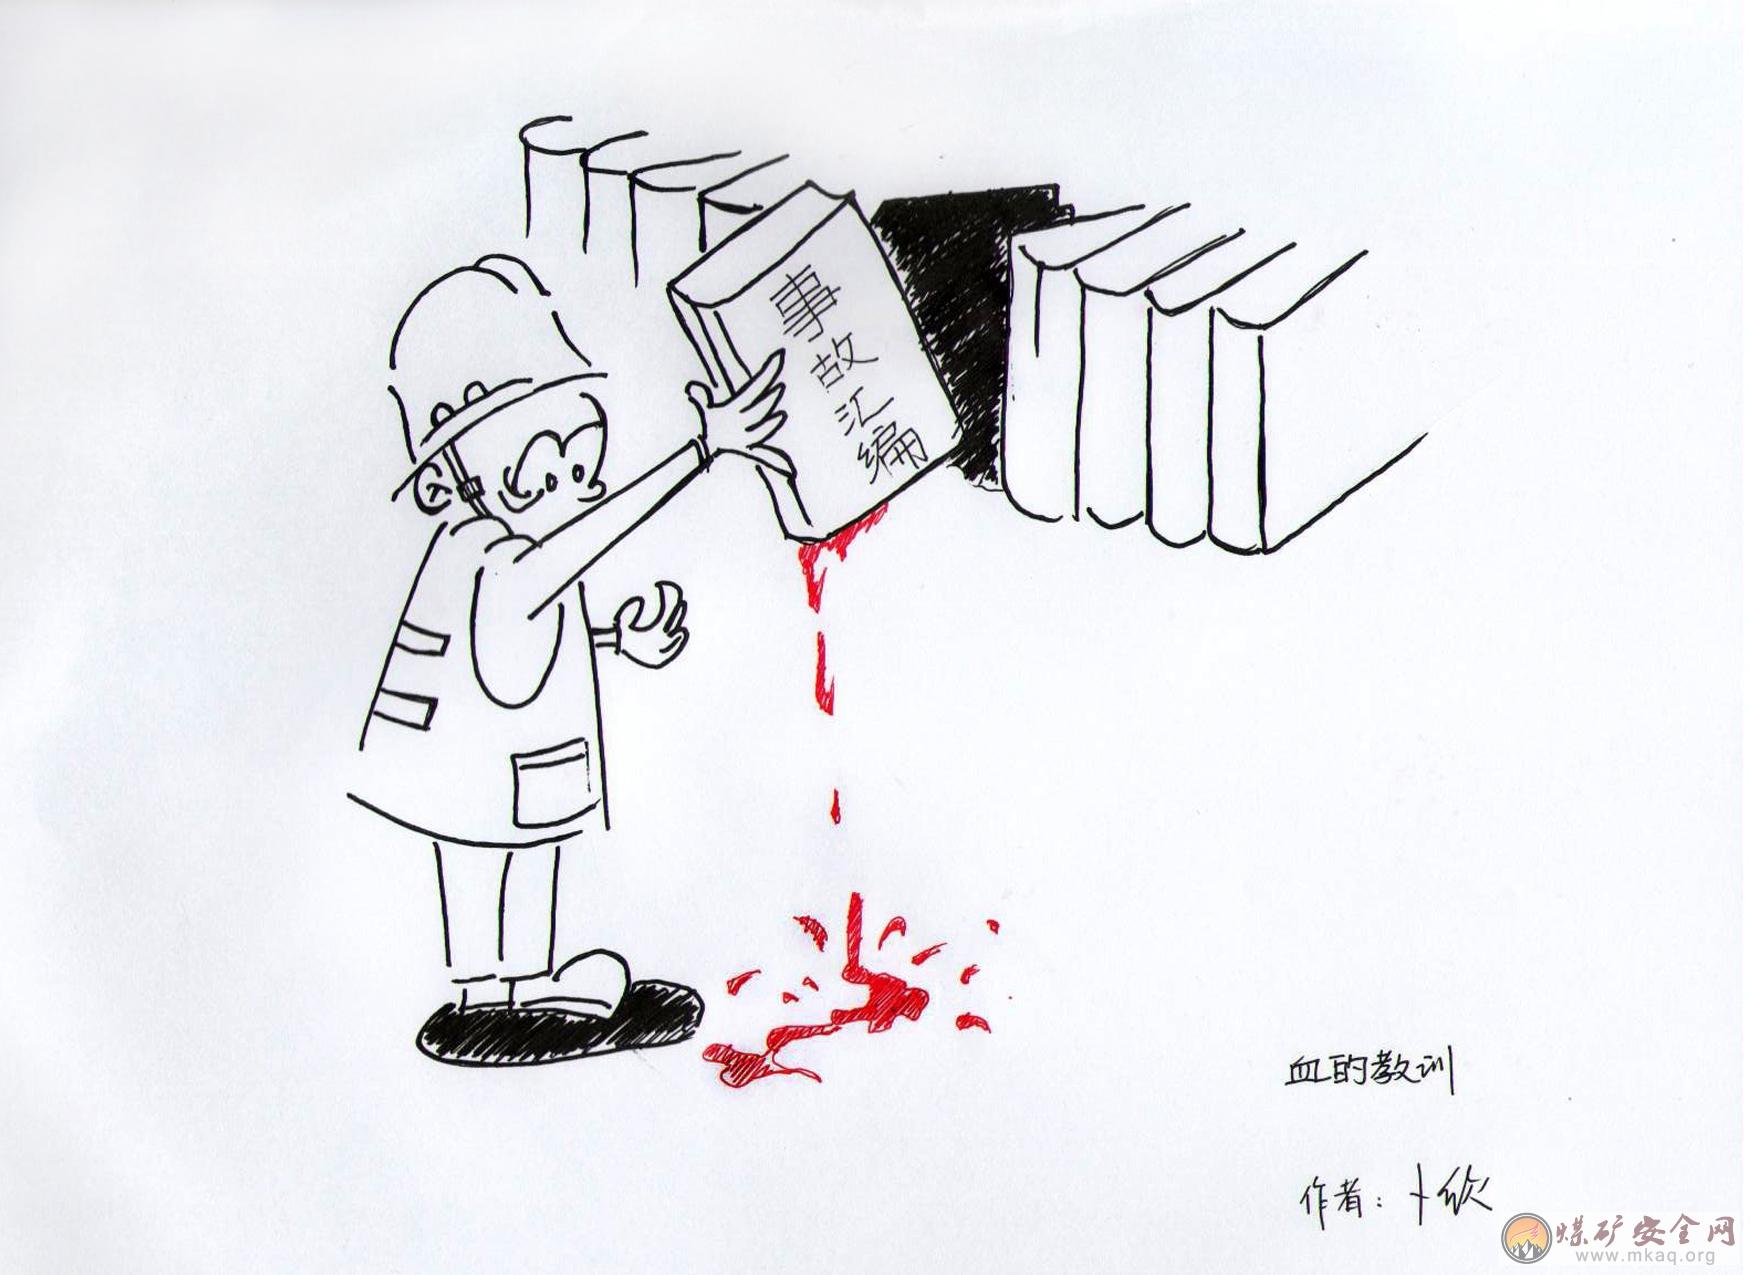 手绘关于安全的图片